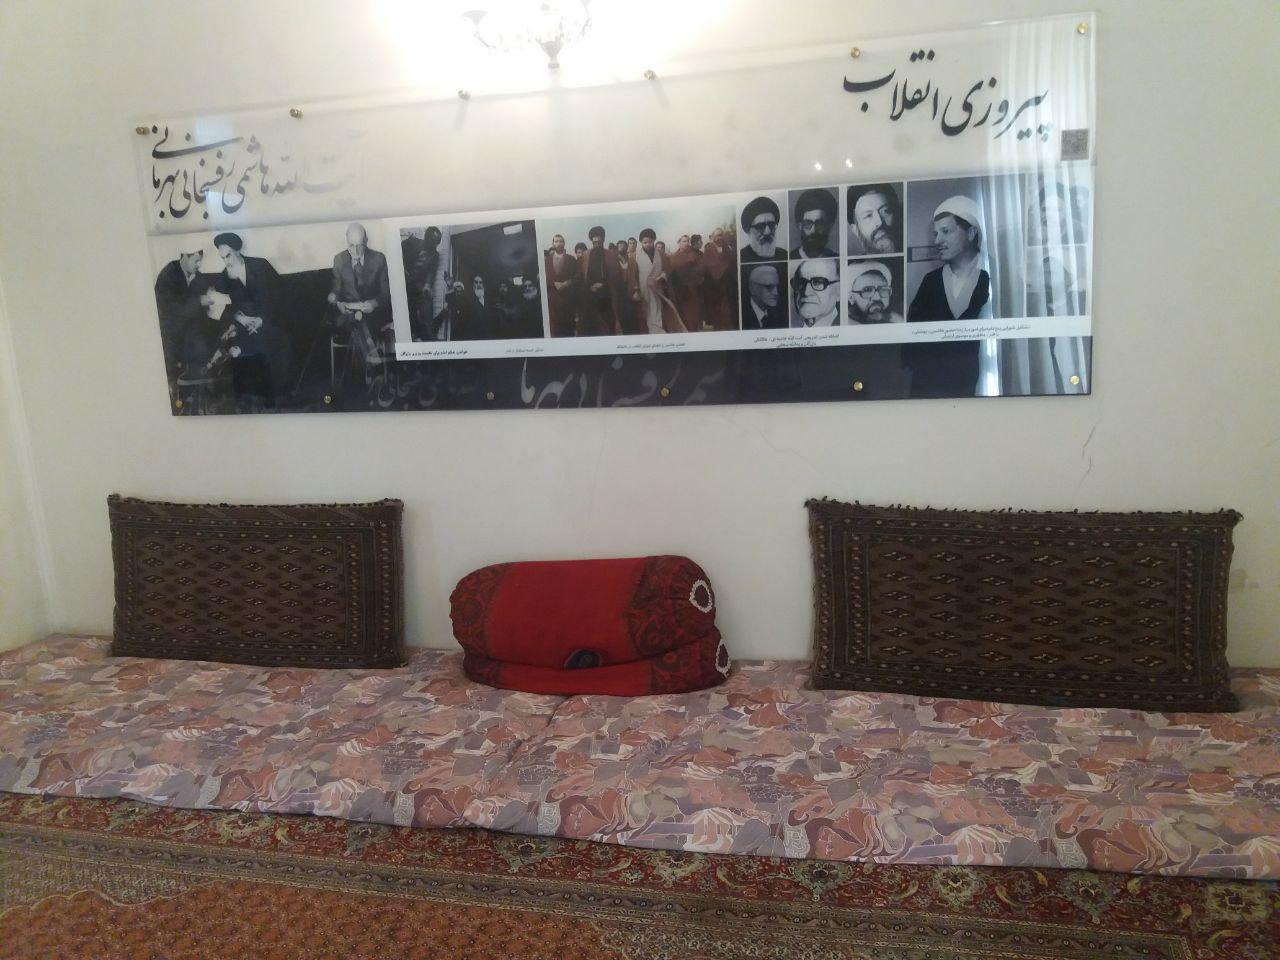 از شايعه تا حقيقت «كاخ هاشمي»/ بازديد رايگان از تاريخ مصور يك انقلاب